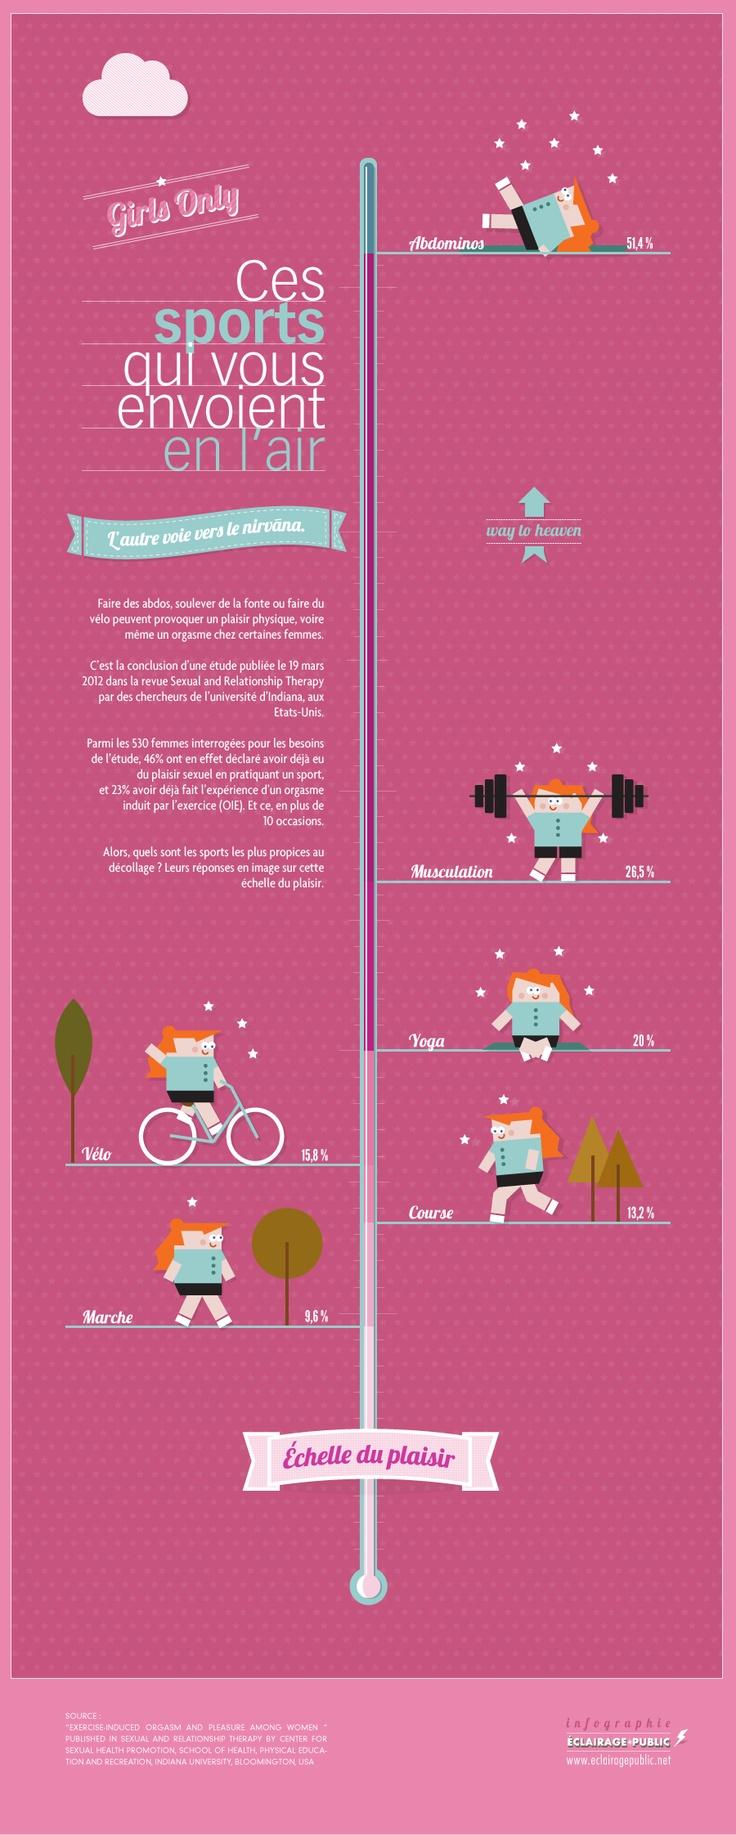 [Infographie] L'échelle du plaisir sportif - L'orgasme et les femmes  © ÉCLAIRAGE PUBLIC